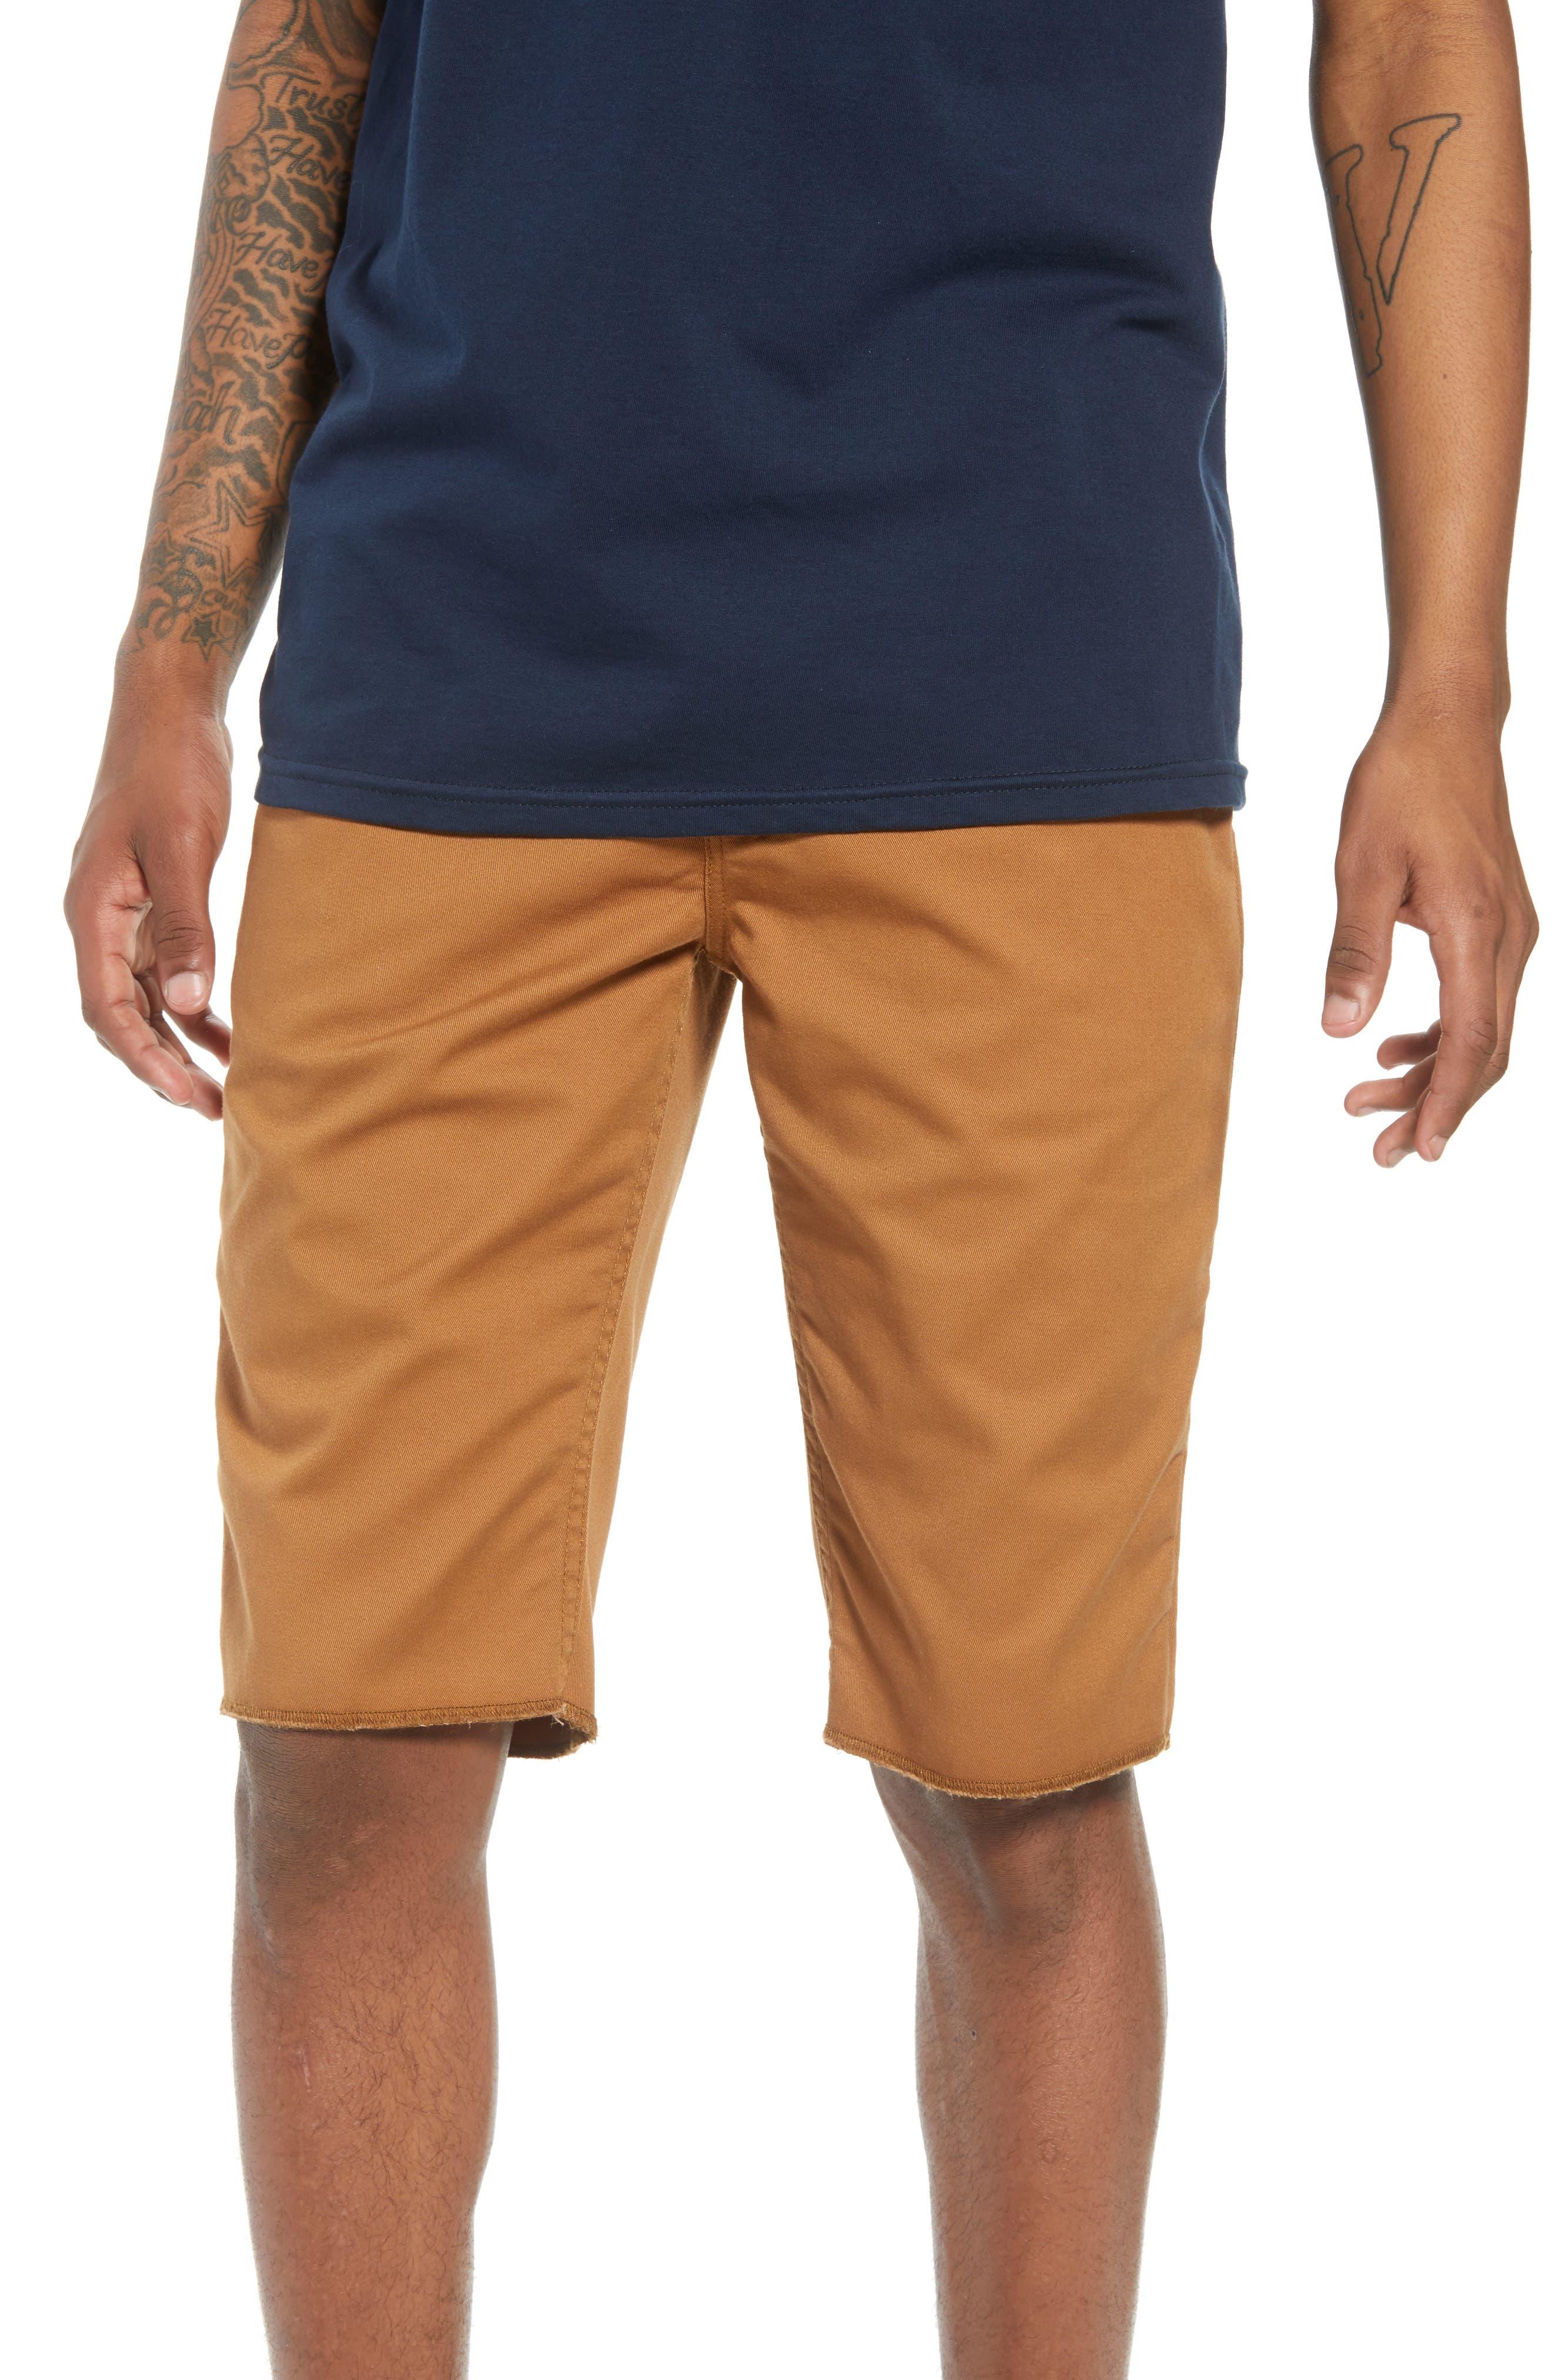 AV Covina Shorts,                         Main,                         color, 200